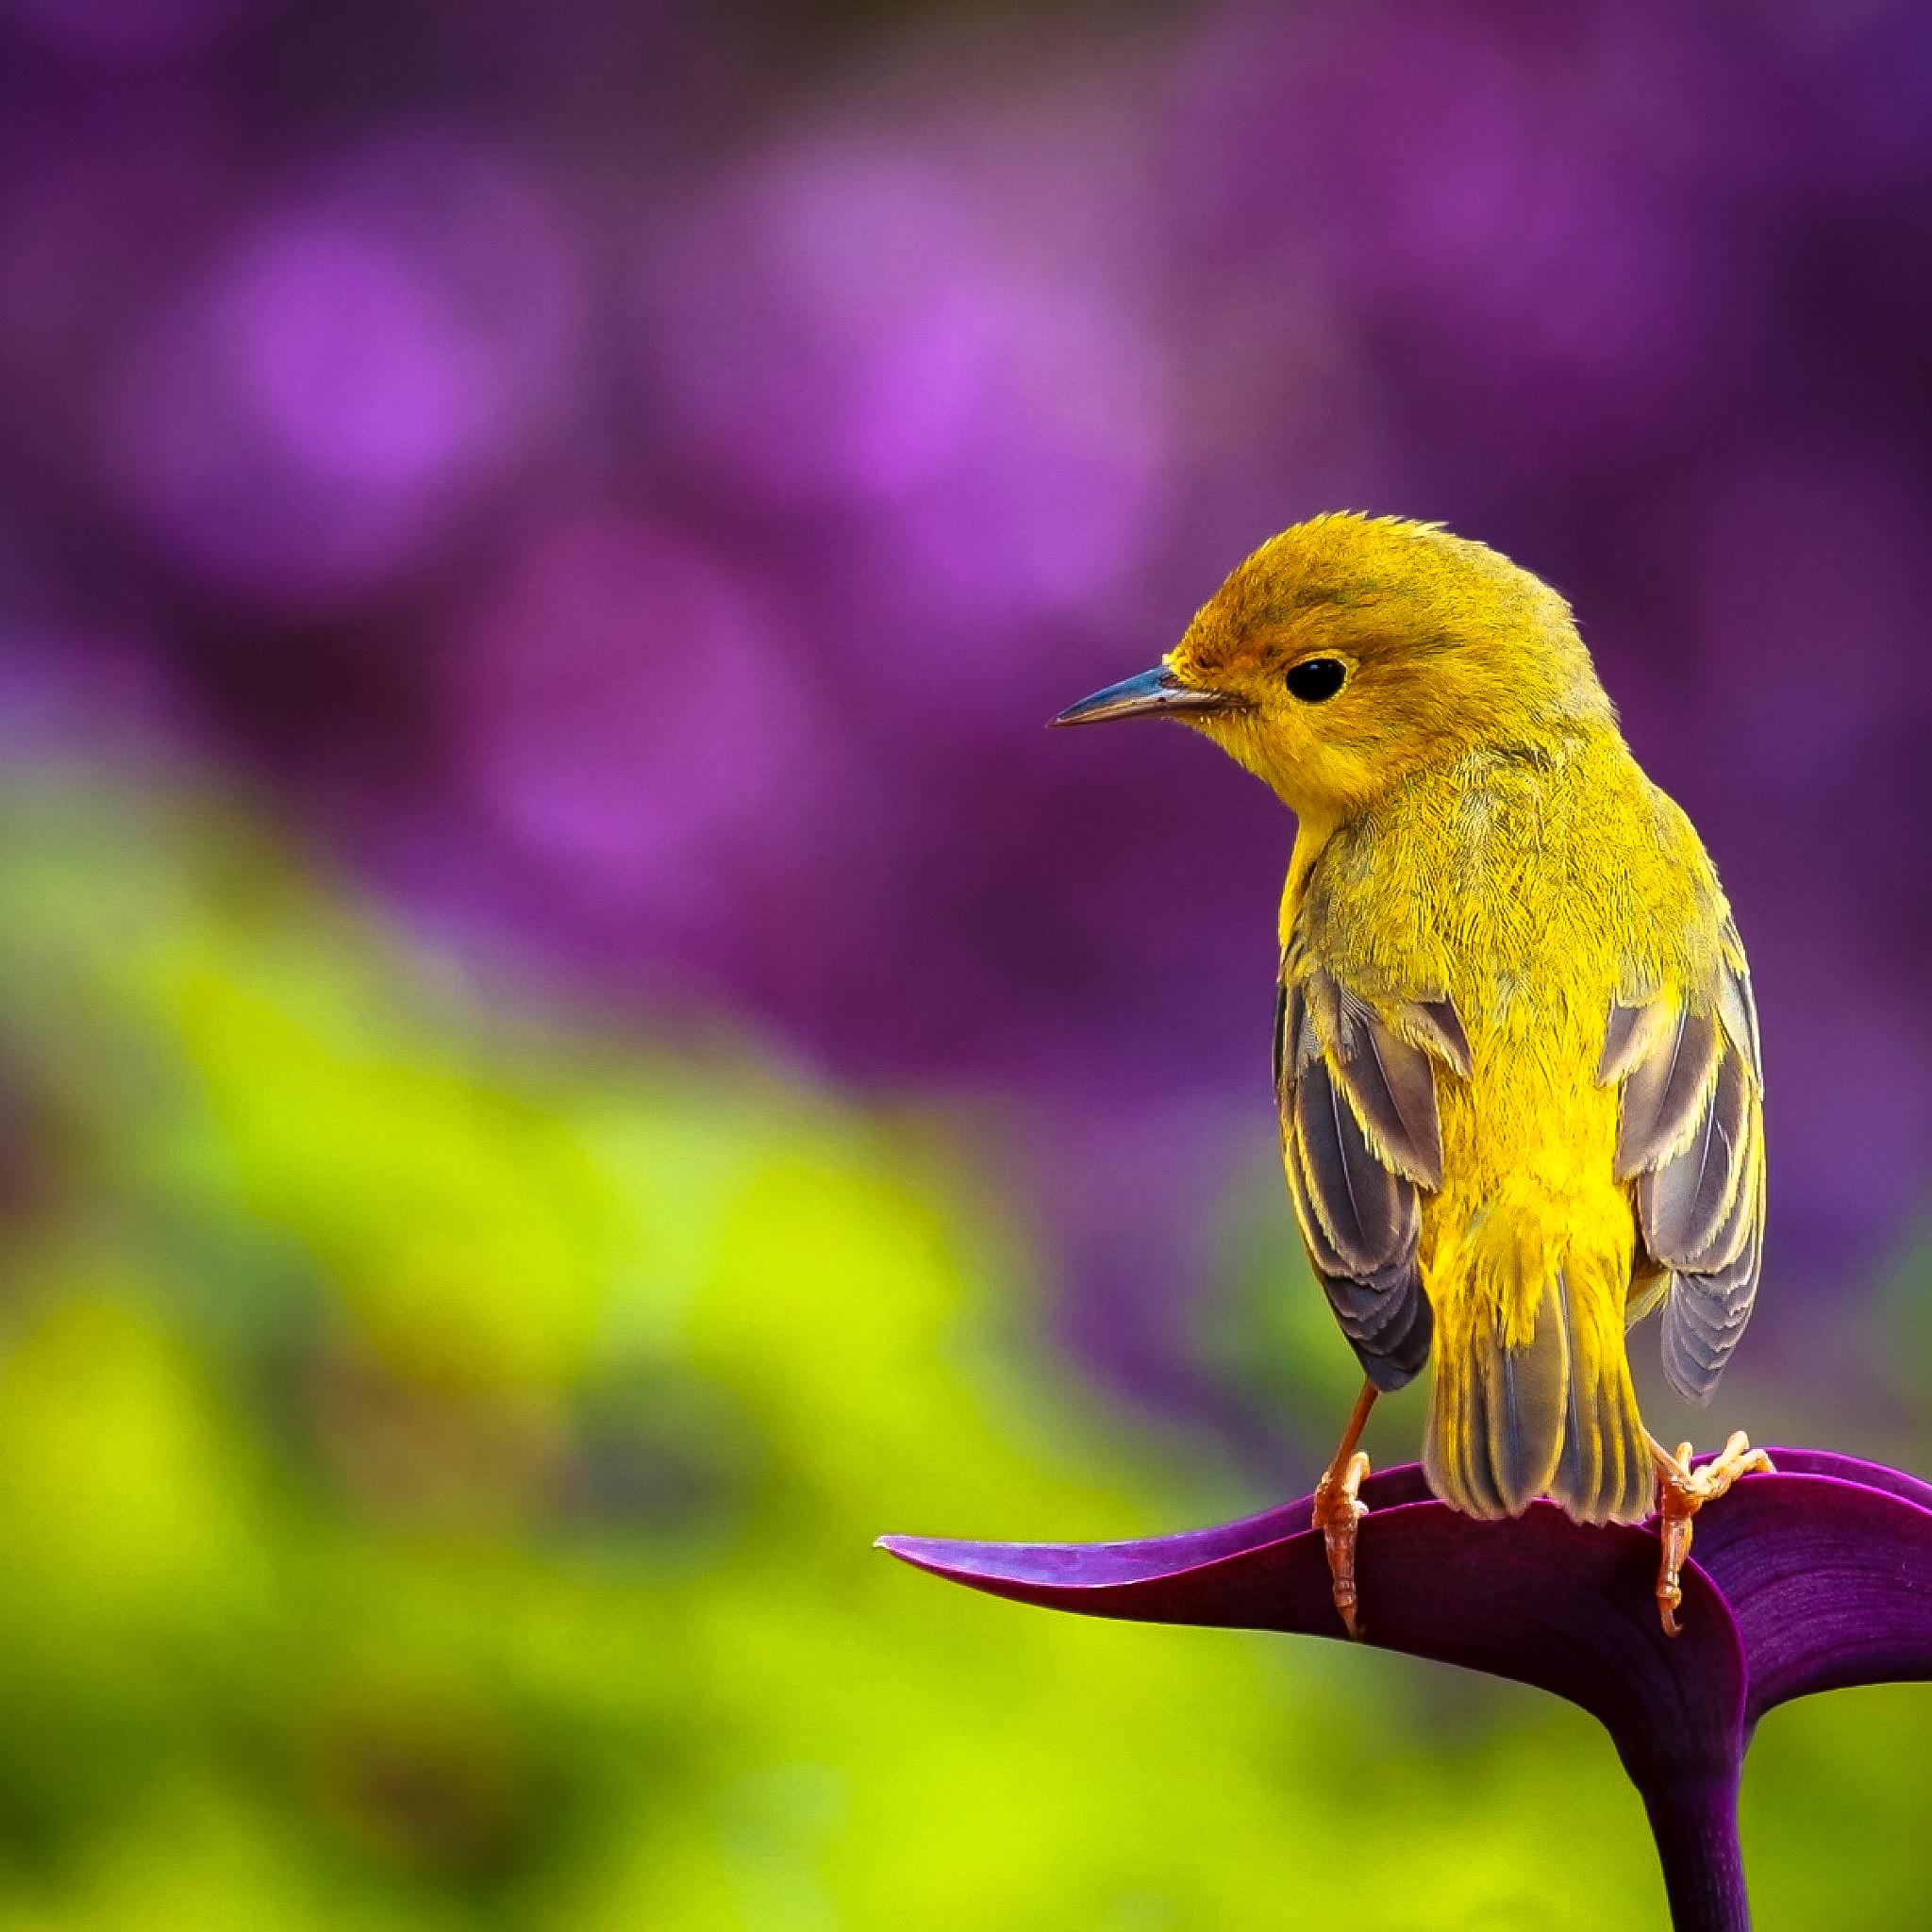 ★ Pretty Bird by @RetinaiPadWalls on twitter.jpg